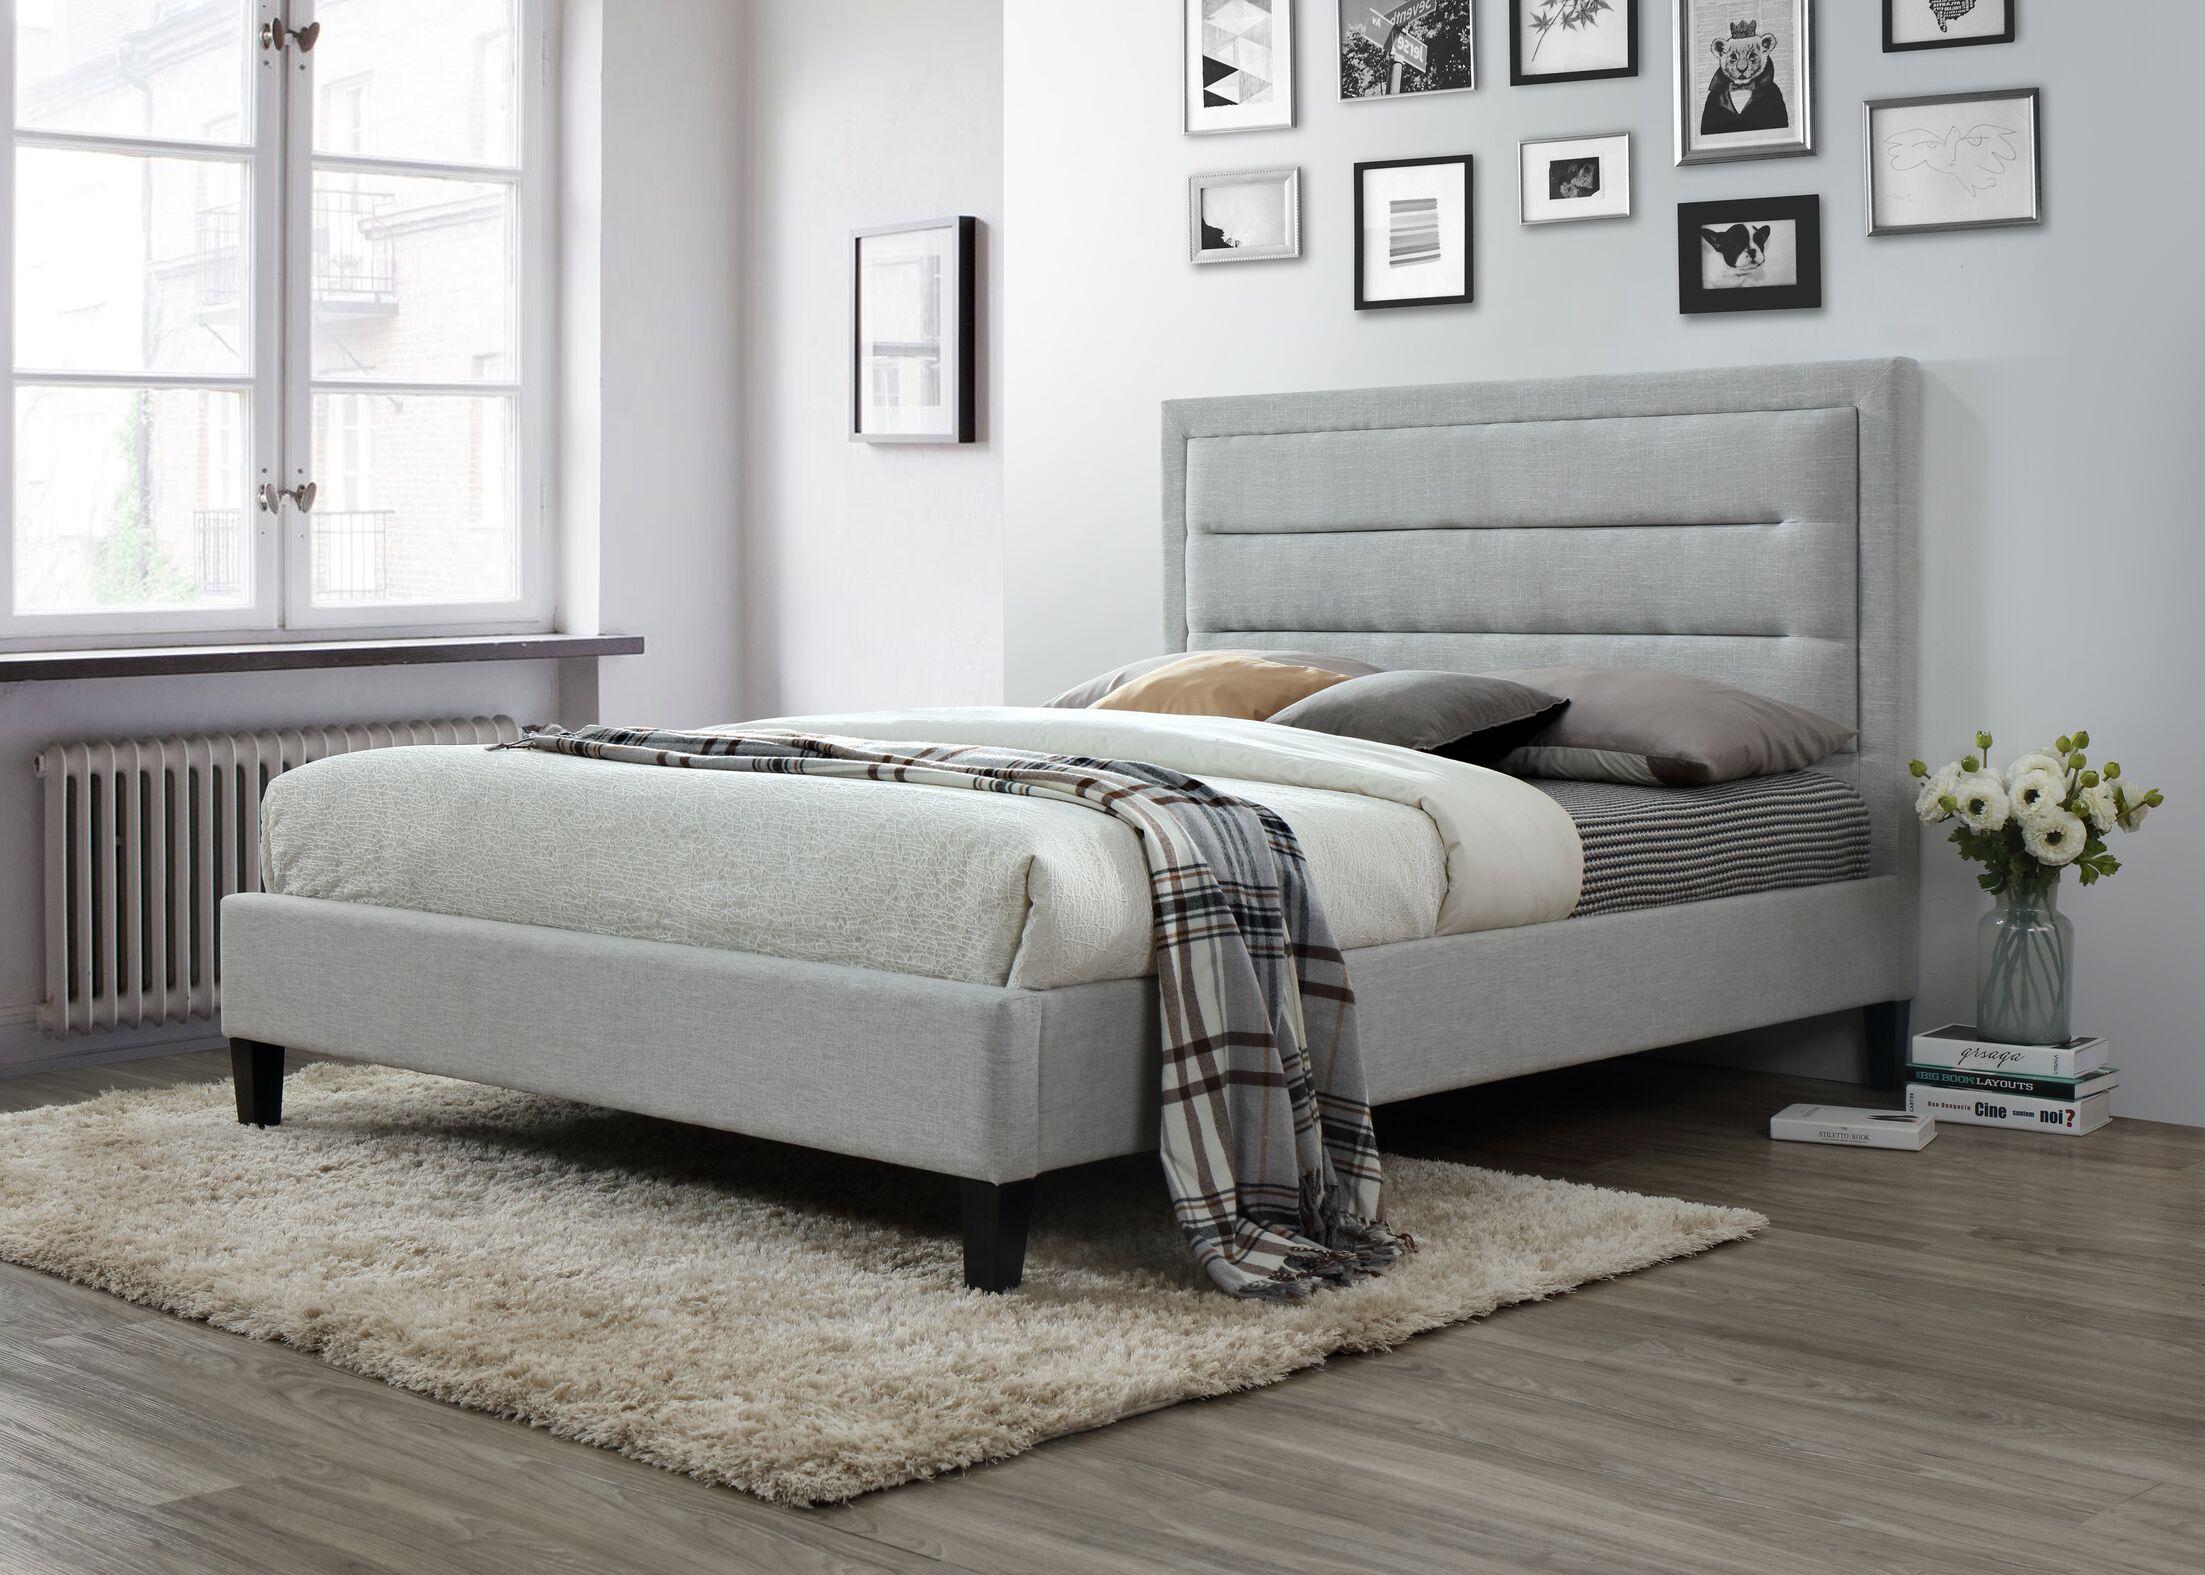 Garway Upholstered Platform Bed Size: King, Color: Light Gray